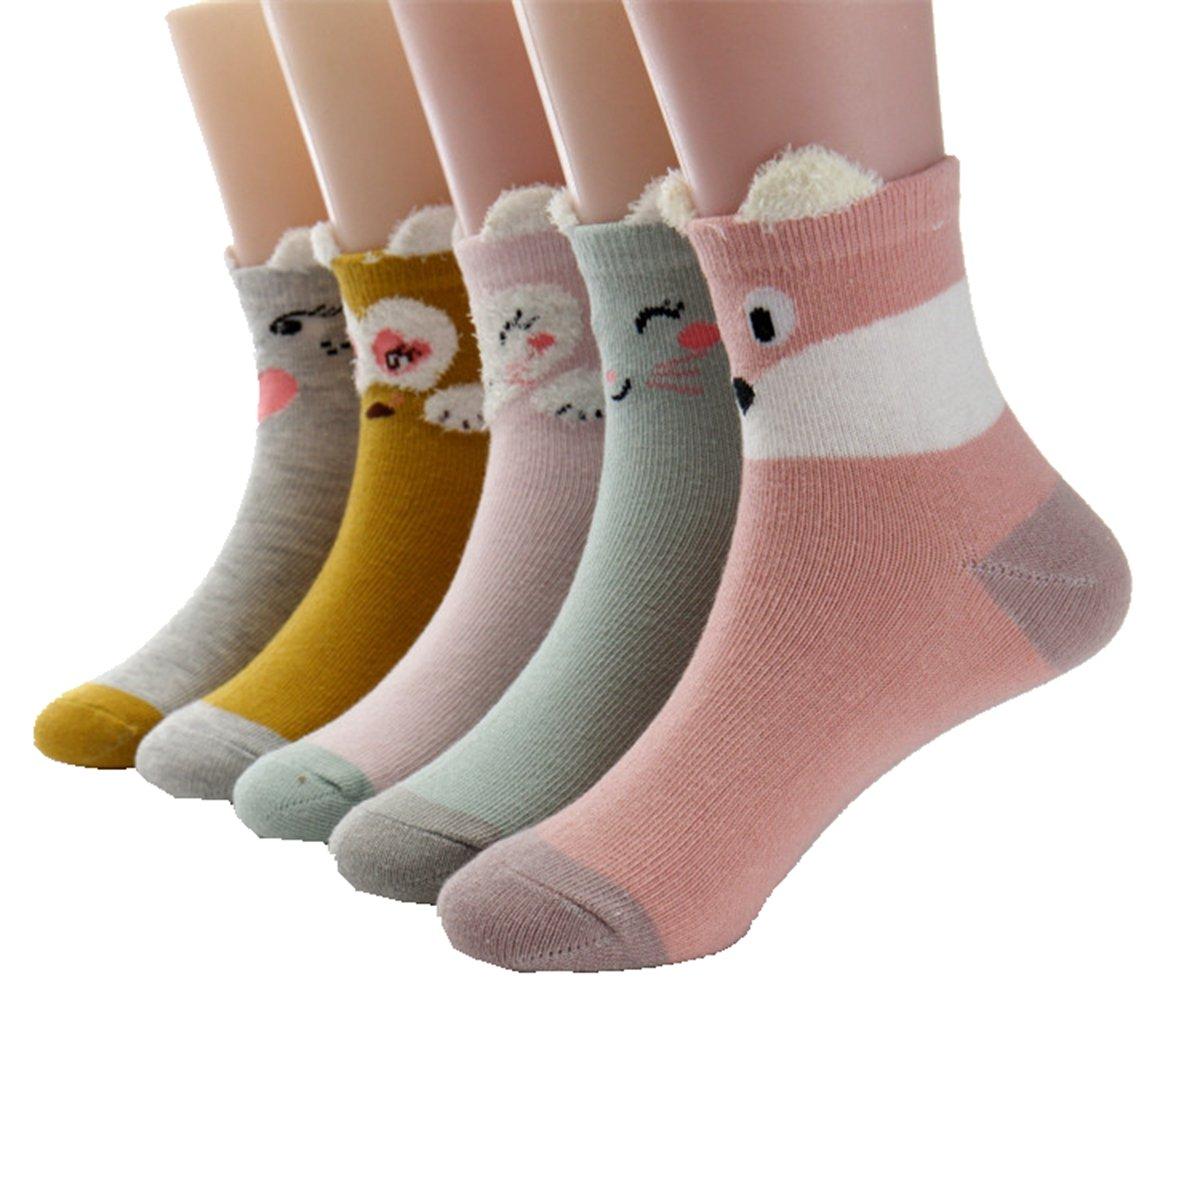 Bambine Calzini Cotone Animale Comfort Calzini Spessi 5 paio pacchetto Cczmfeas